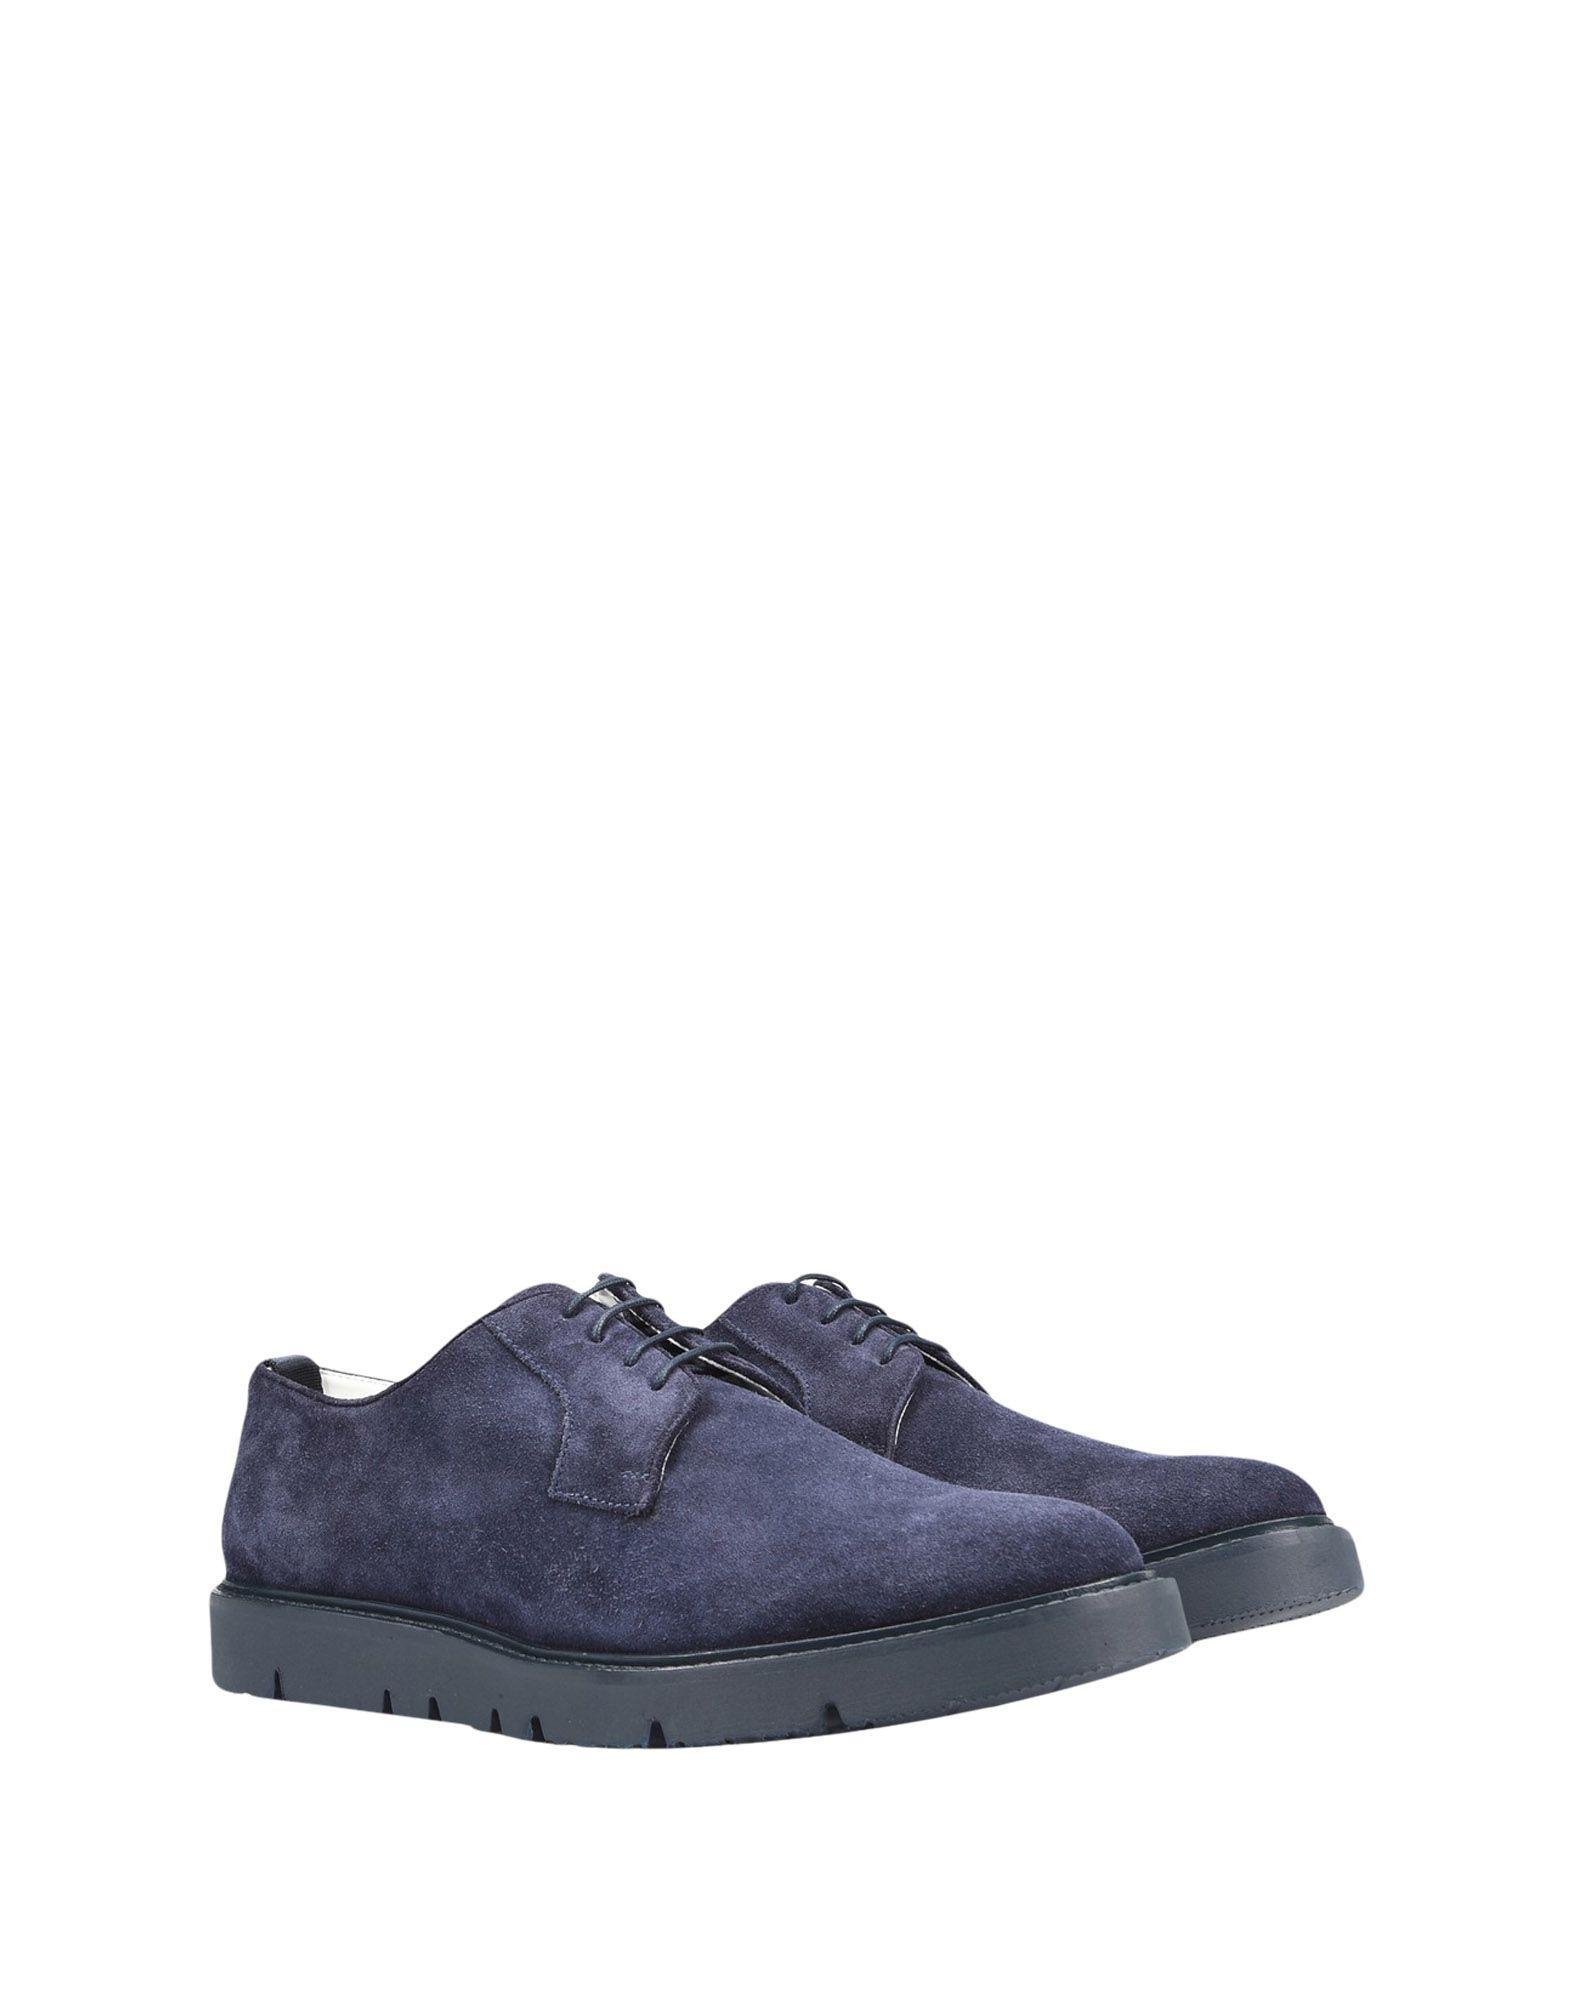 Stringate Armani Jeans Donna - Acquista online su